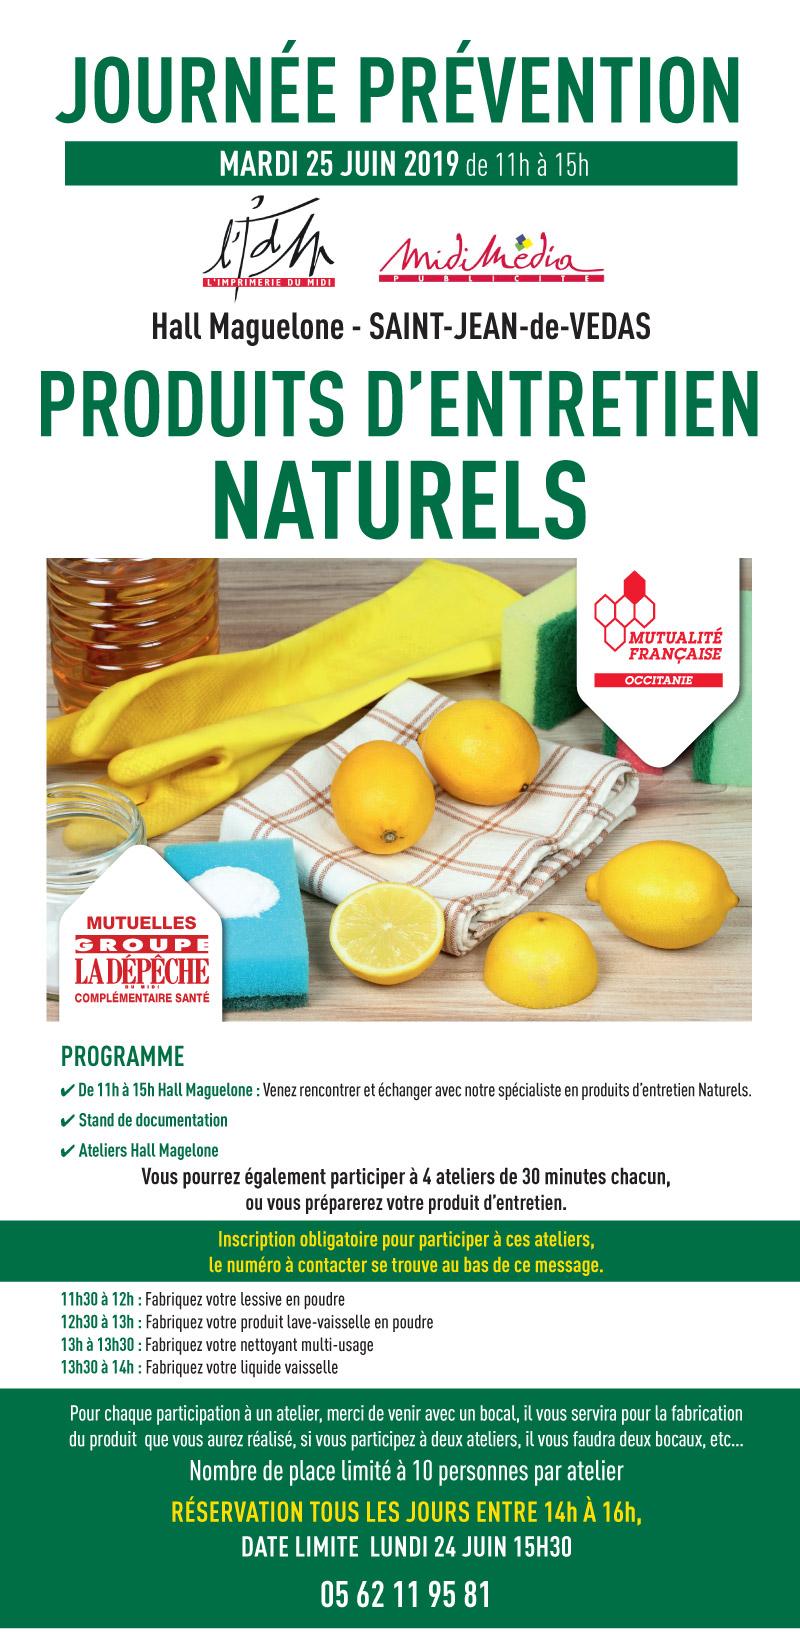 Journée de prévention à Montpellier